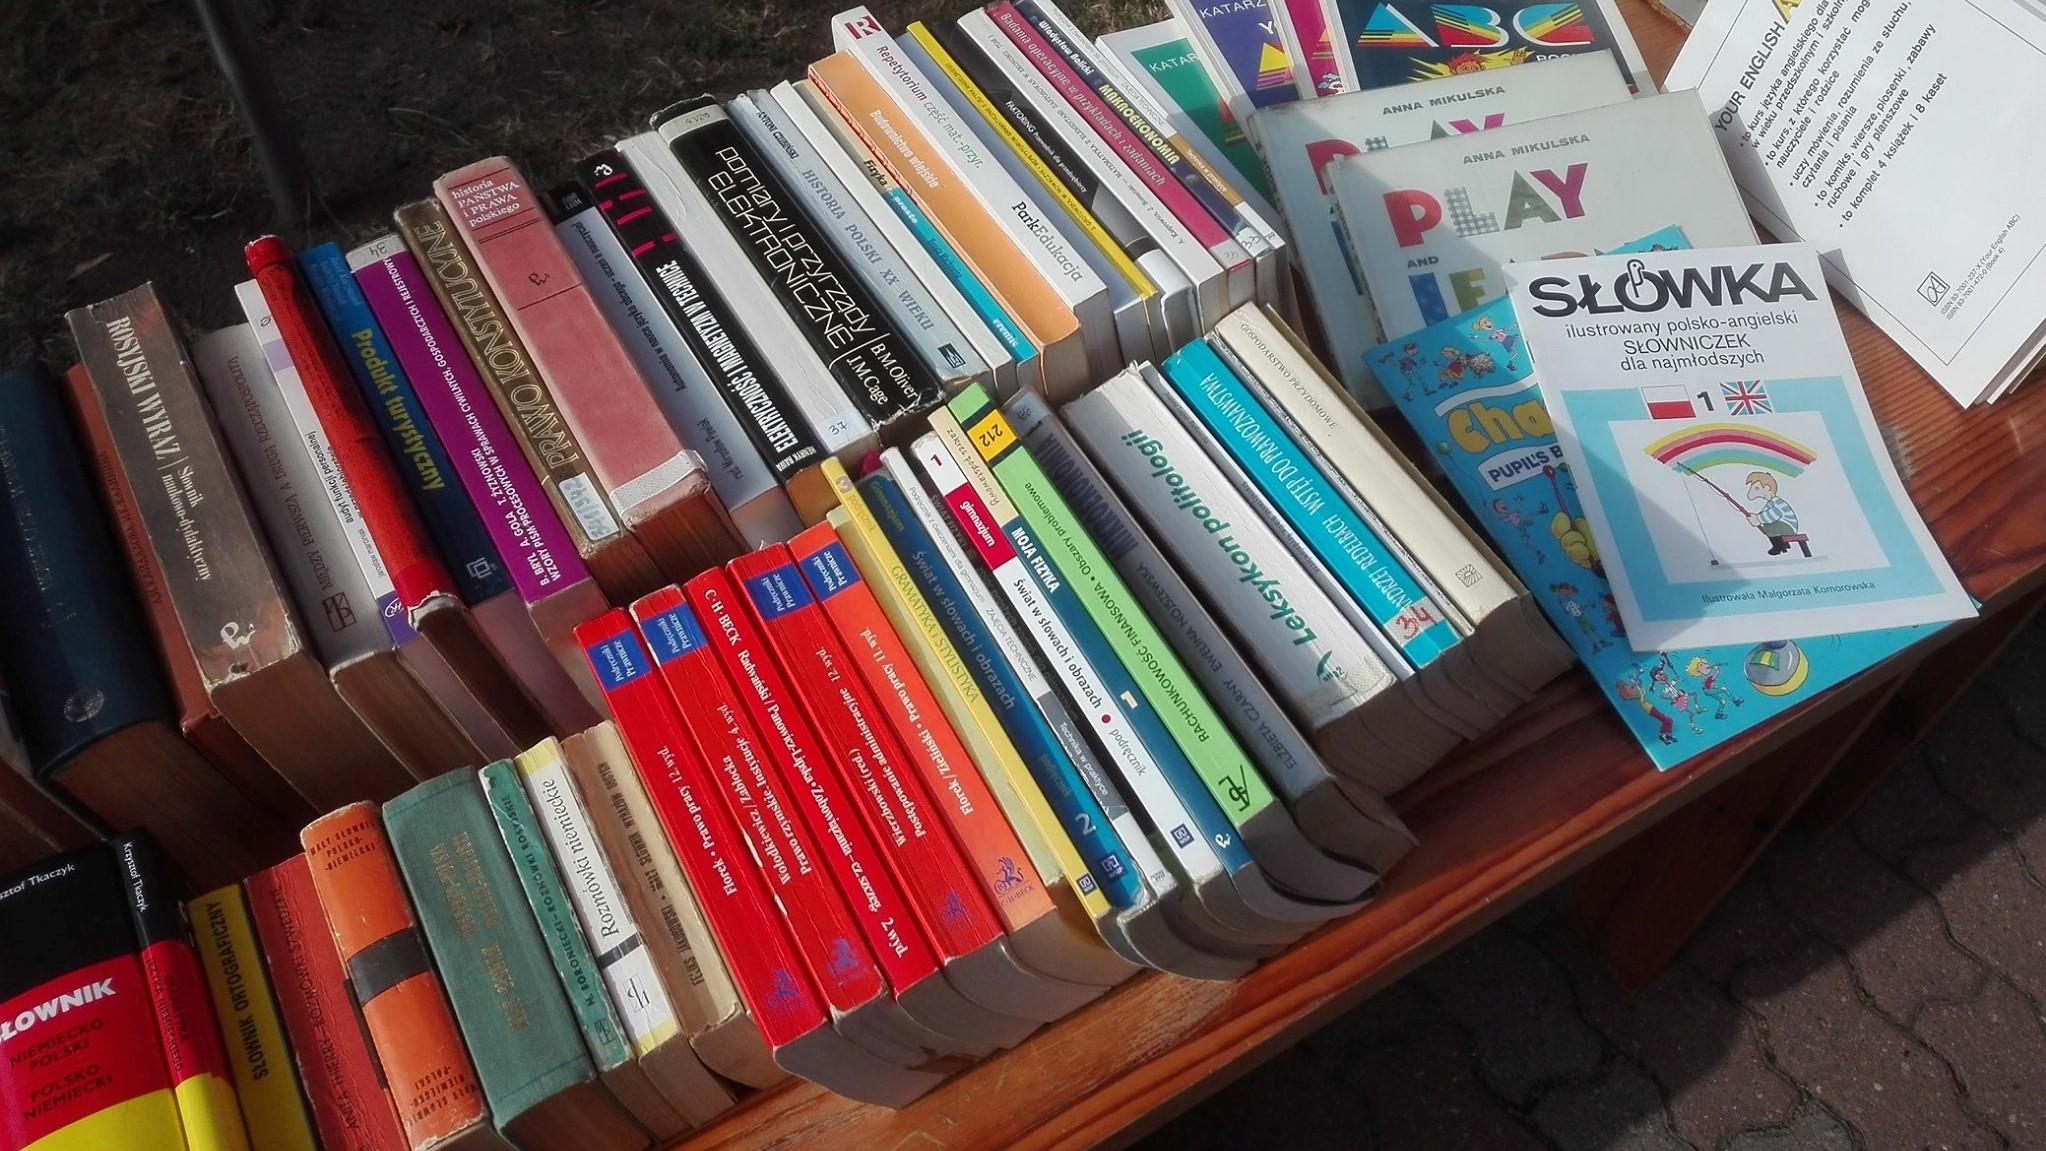 biblioteka miejska w koninie sprzedaje książki - FB:  Miejska Biblioteka Publiczna w Koninie